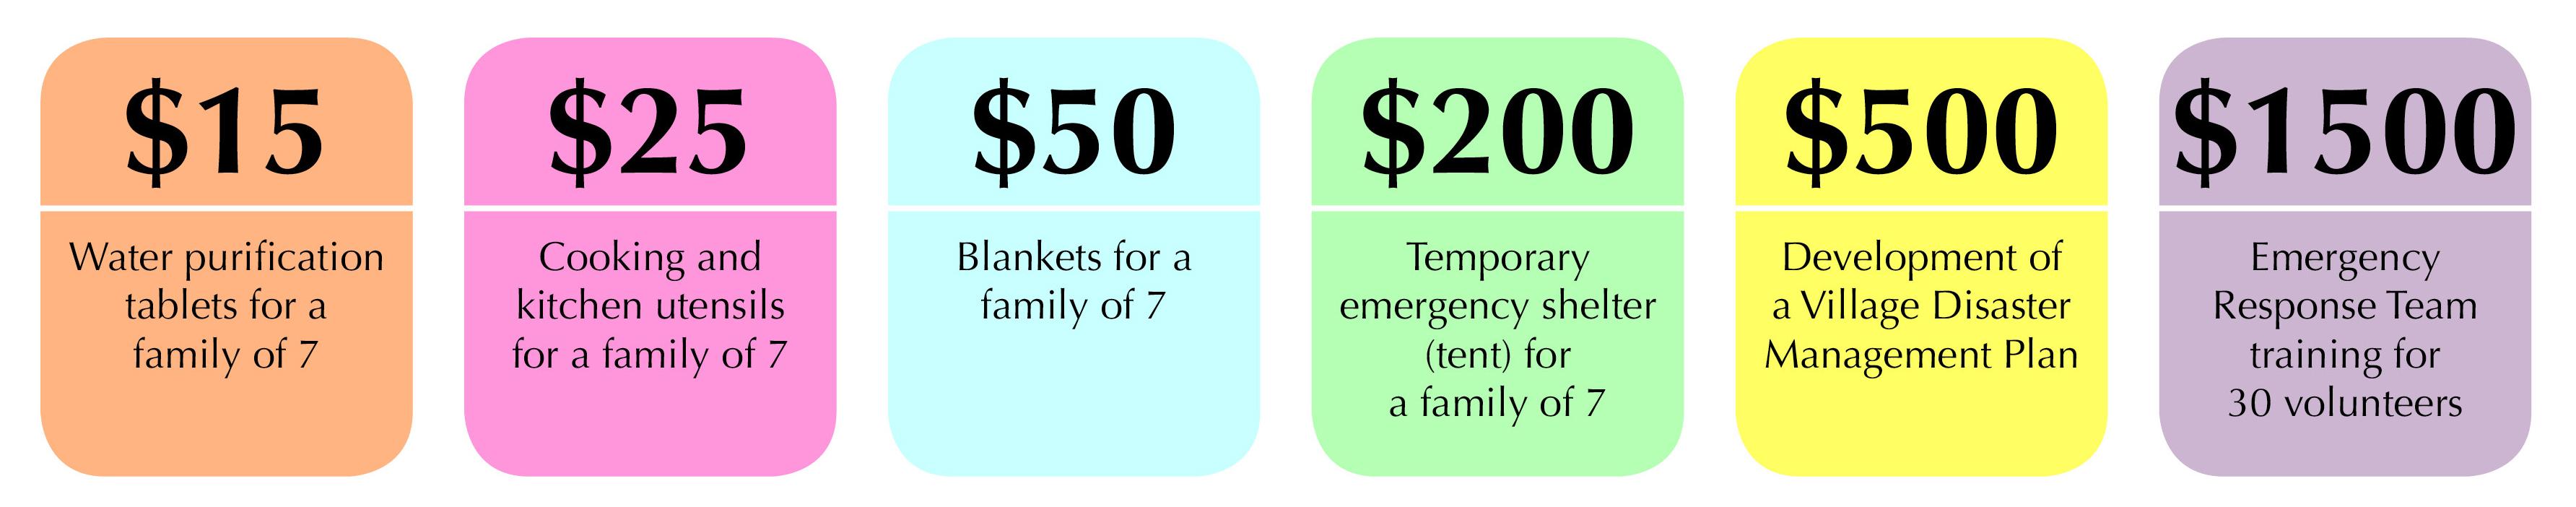 Donations-DollarAmounts